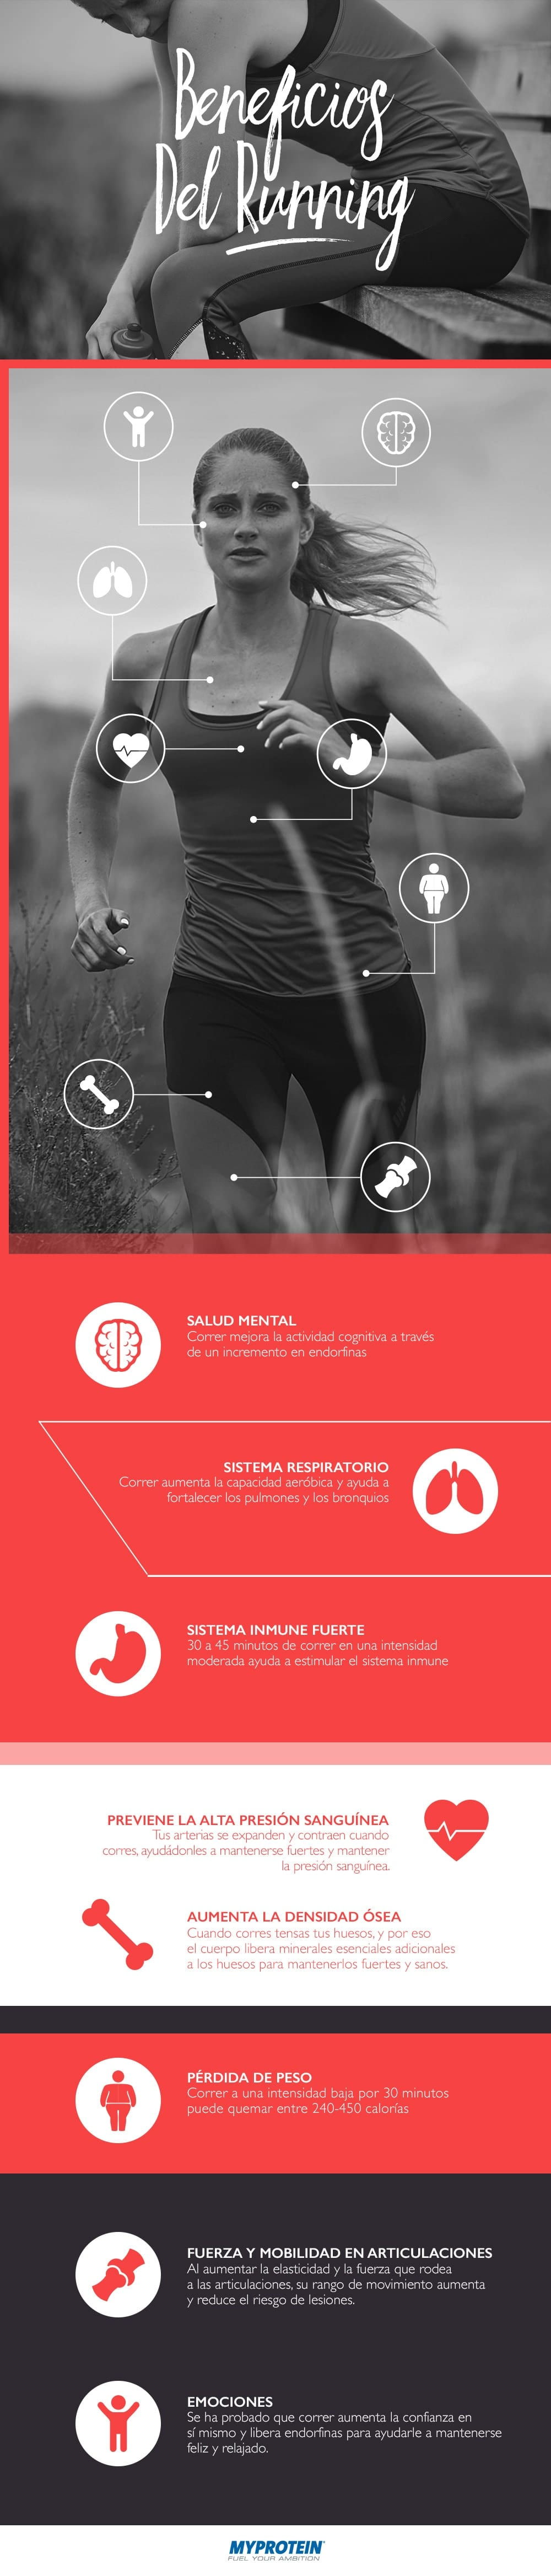 infográfico del running